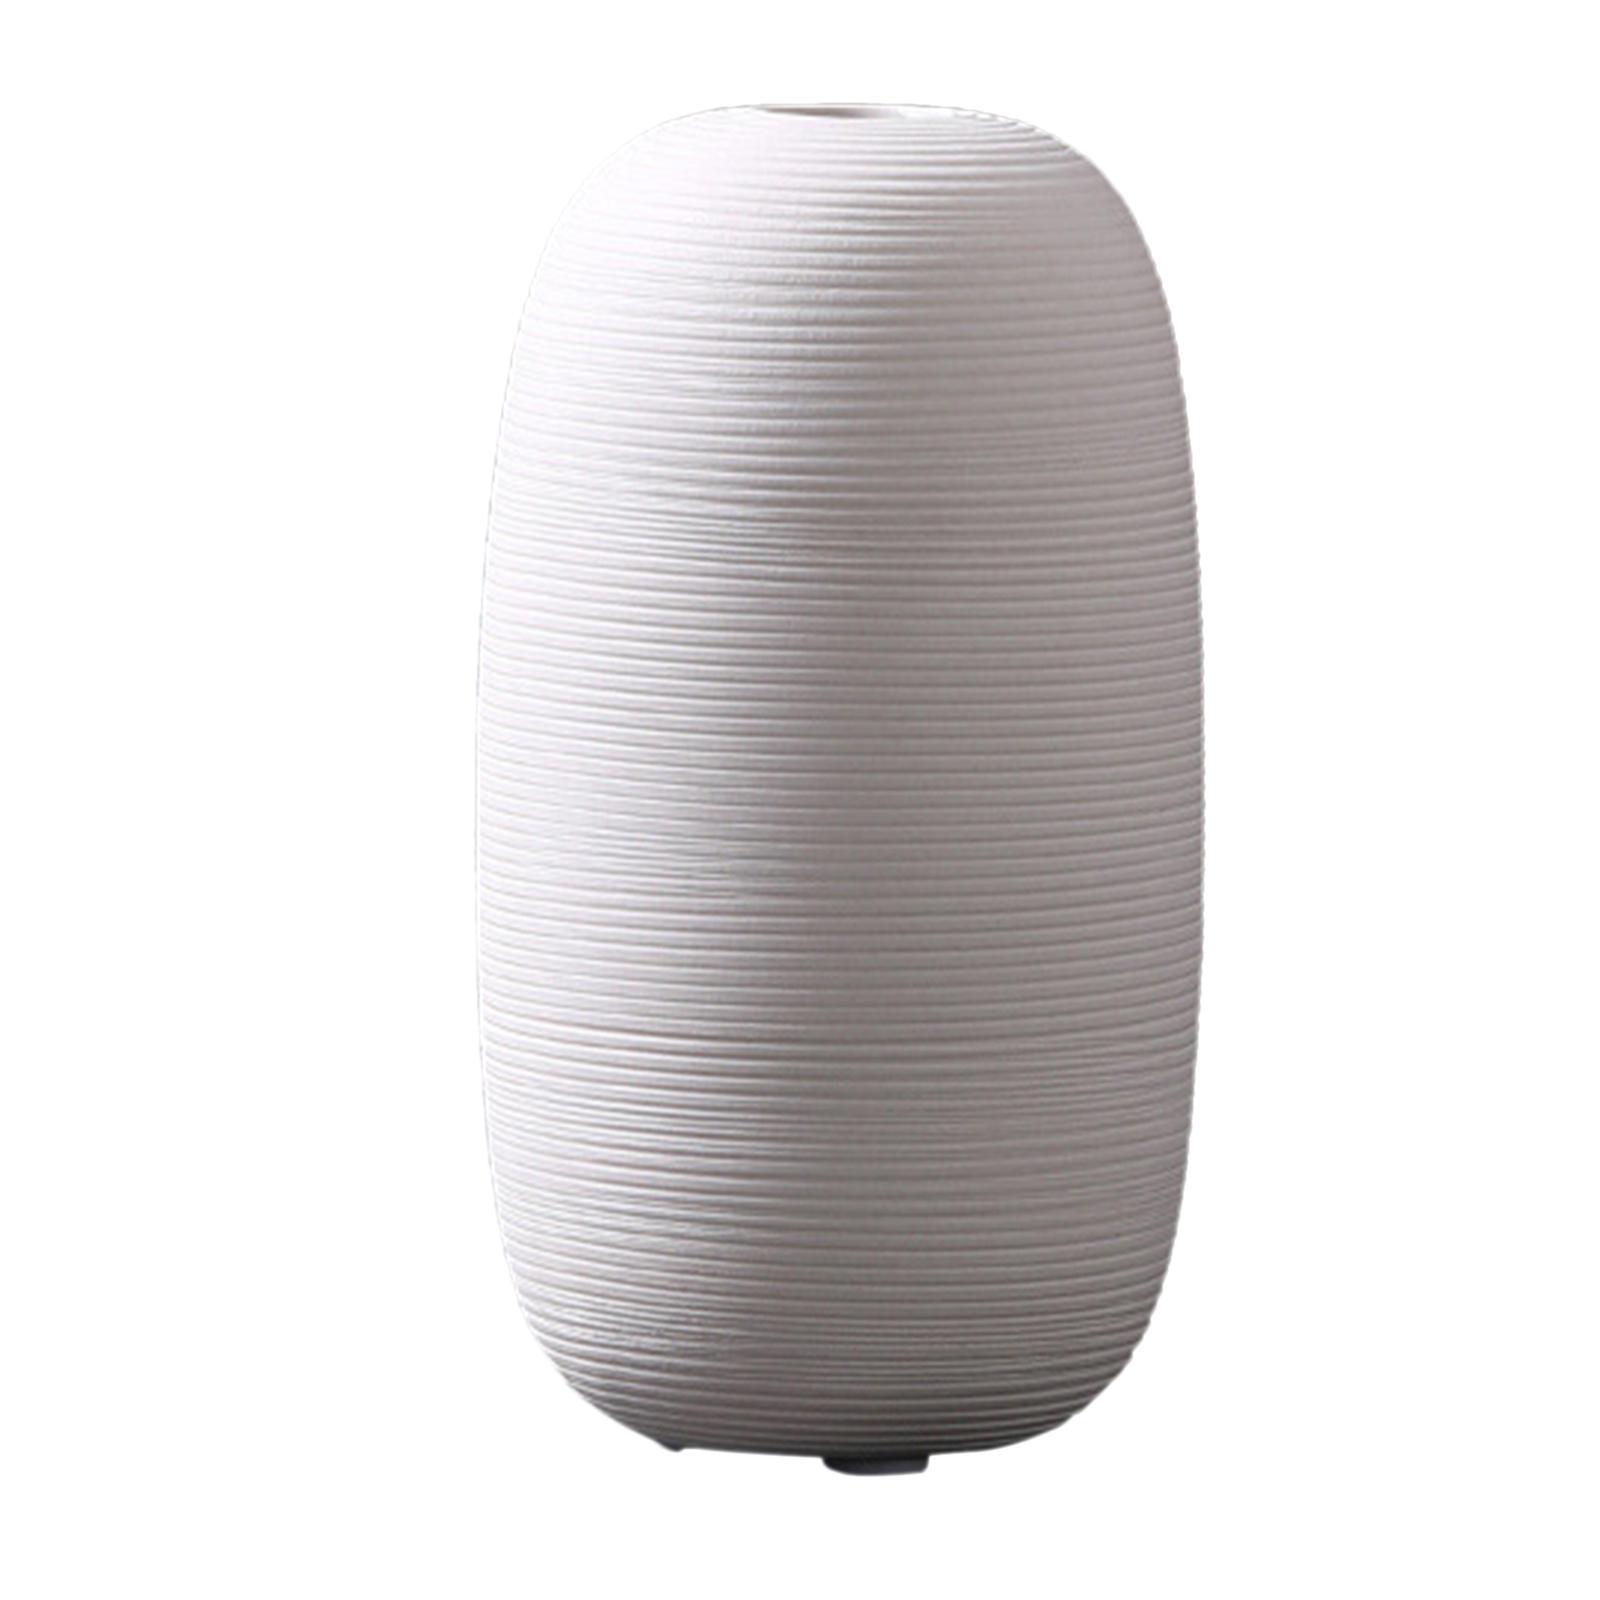 Indexbild 6 - Keramik Blumenvase Blumentöpfe Arrangements Schlafzimmer Yoga Studio Dekor